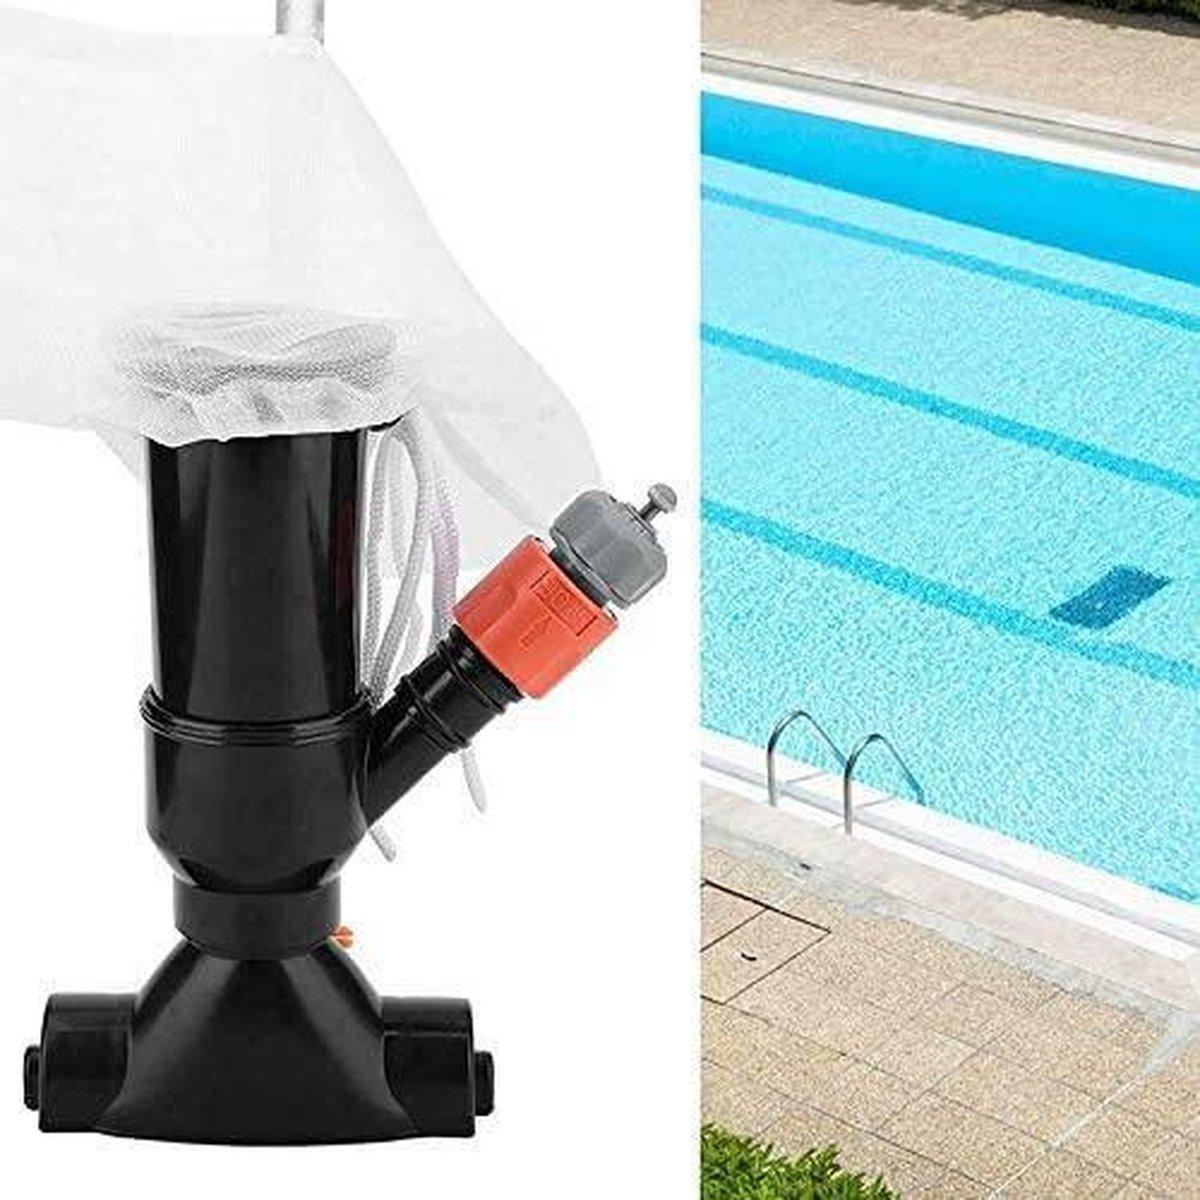 zwembad stofzuiger -verdelife zwembad skimmer vacuümreiniger voor zwembaden stofzuiger voor zwembad jet stofreinigers eenvoudige montage geen stroomvoorziening ontwerp voor zuiggereedschap schoonmaken zwembaden - (WK 02123)